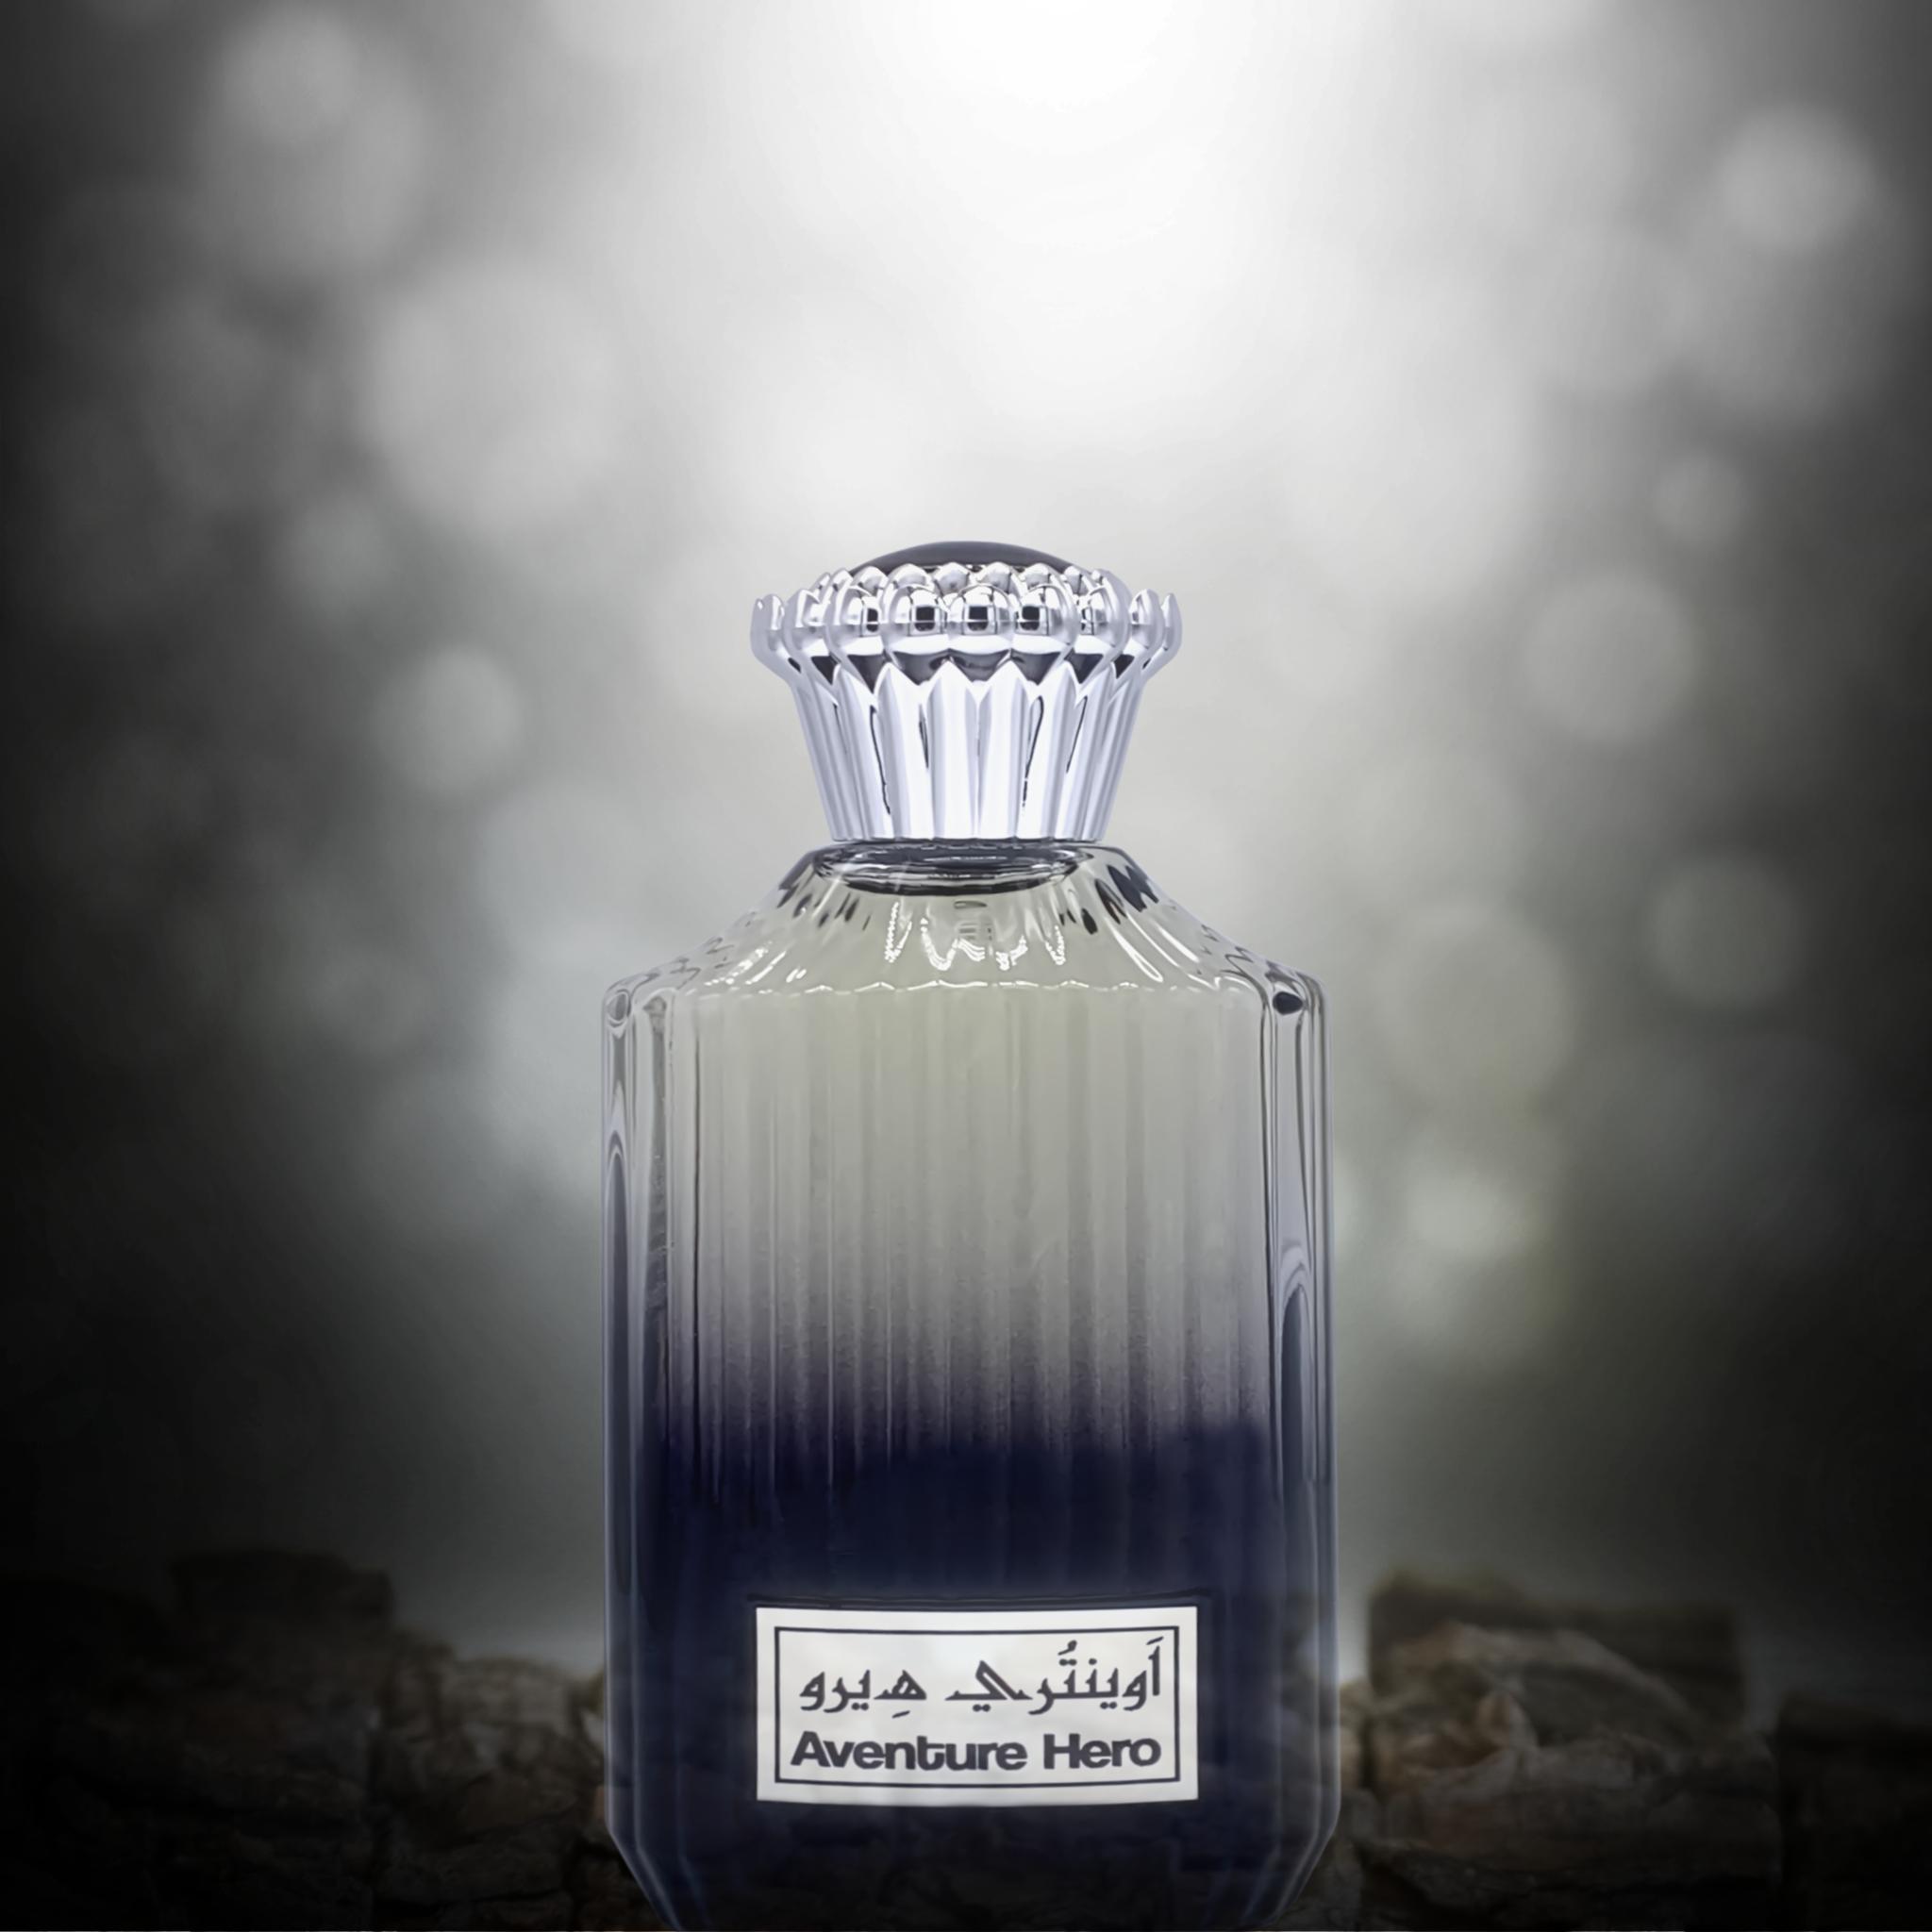 Parfüm Aventure Hero Eau de Perfume von Sultan Essancy